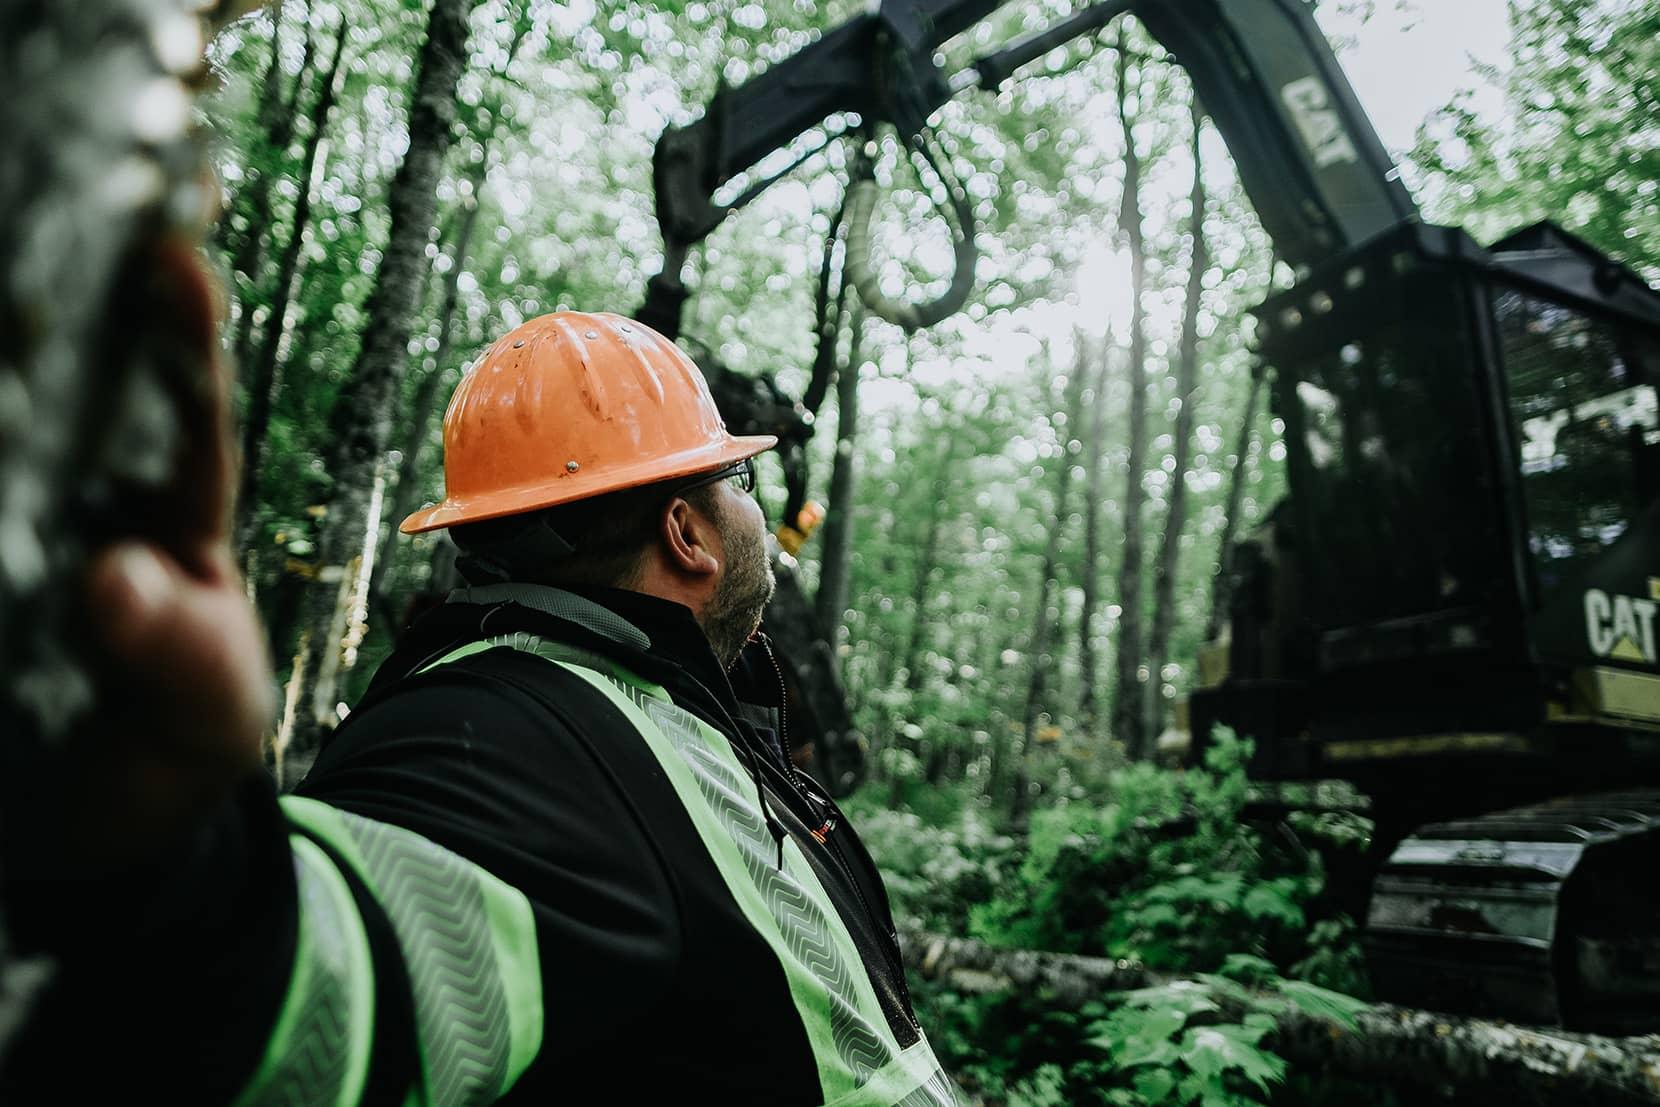 Laforêt - Travaux commerciaux et coupe forestière